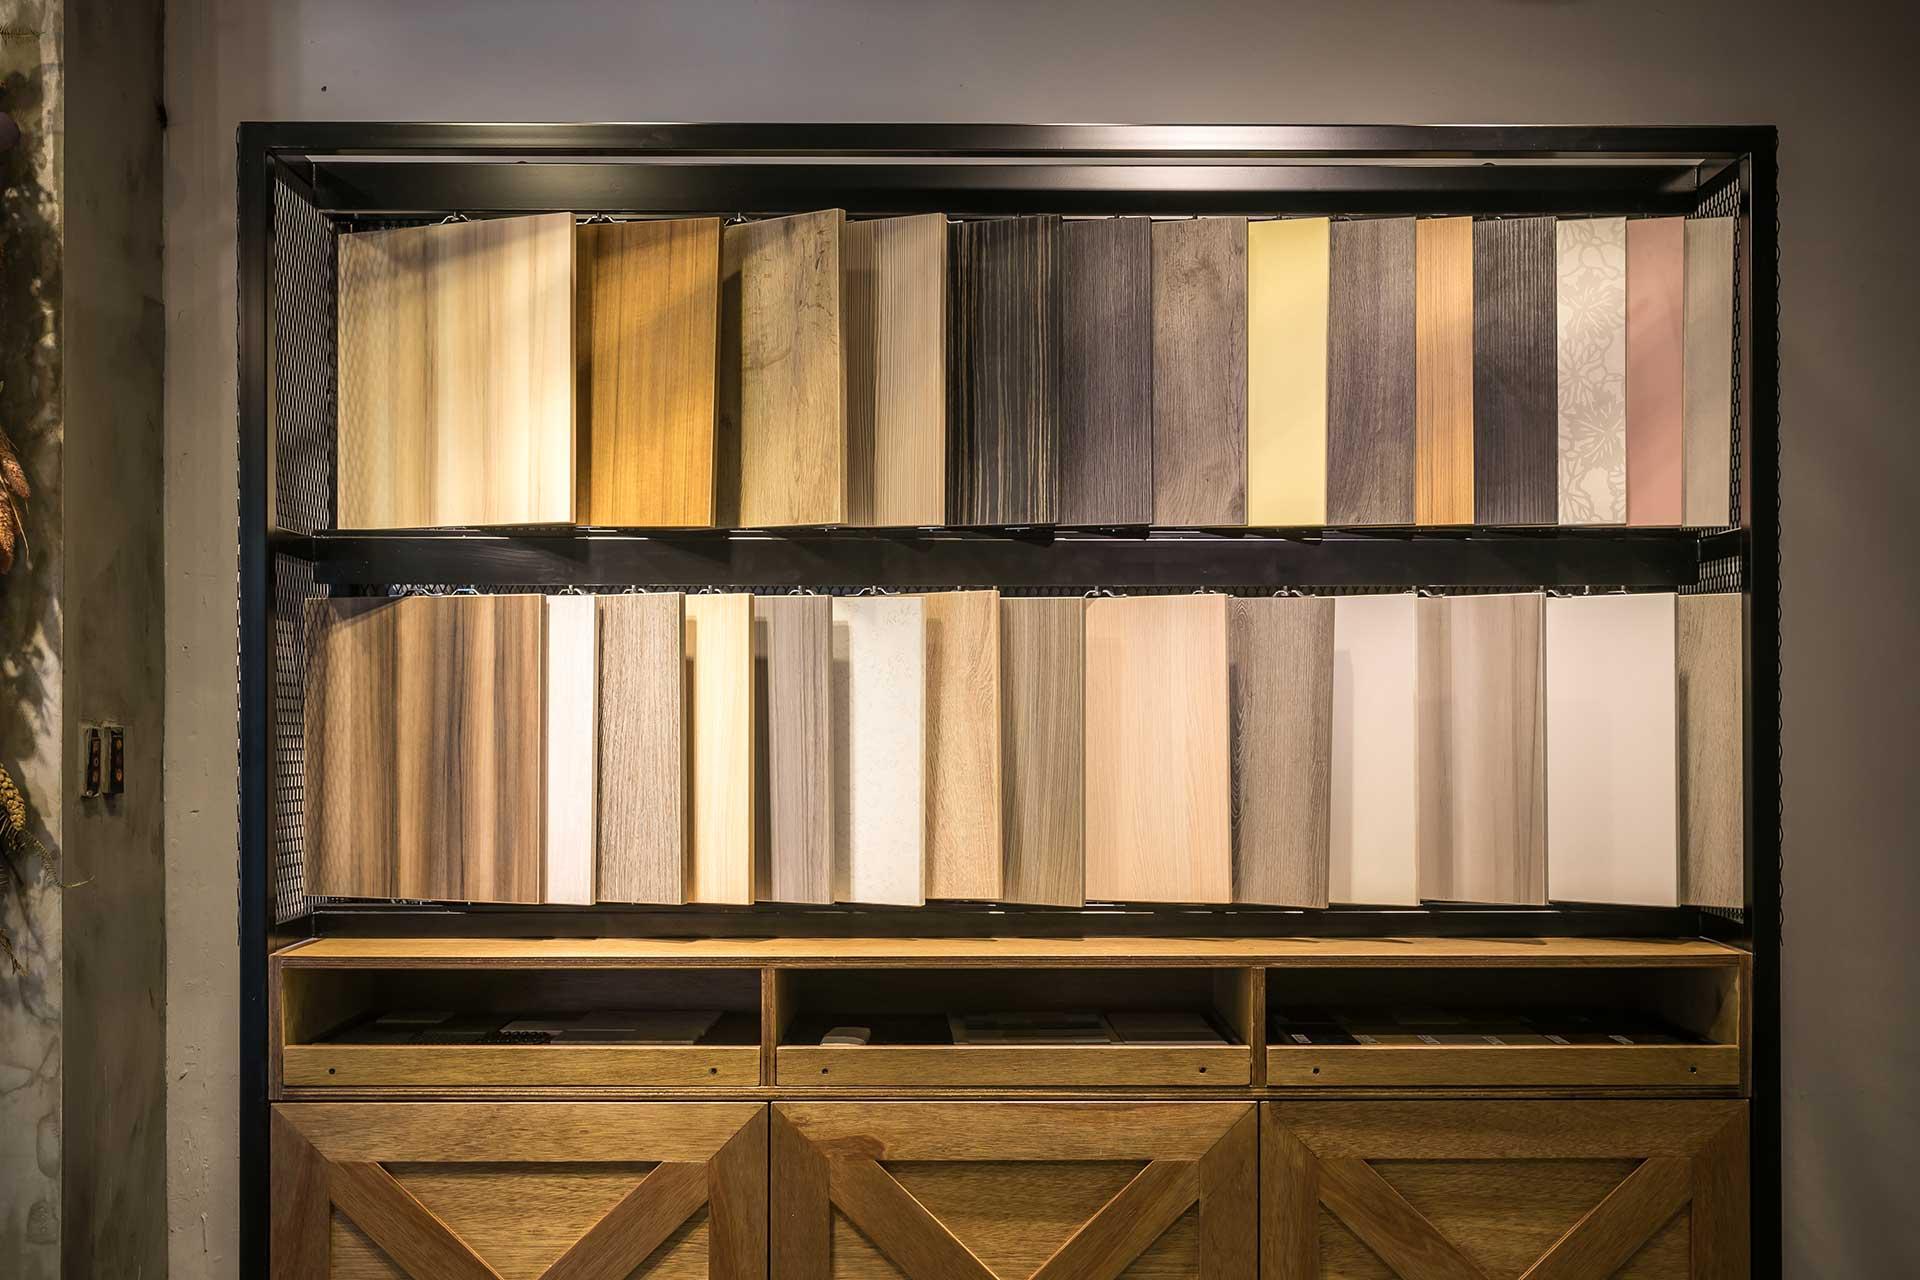 附有抽屜,可陳列超過 100 種樣式的系統板材展示櫃